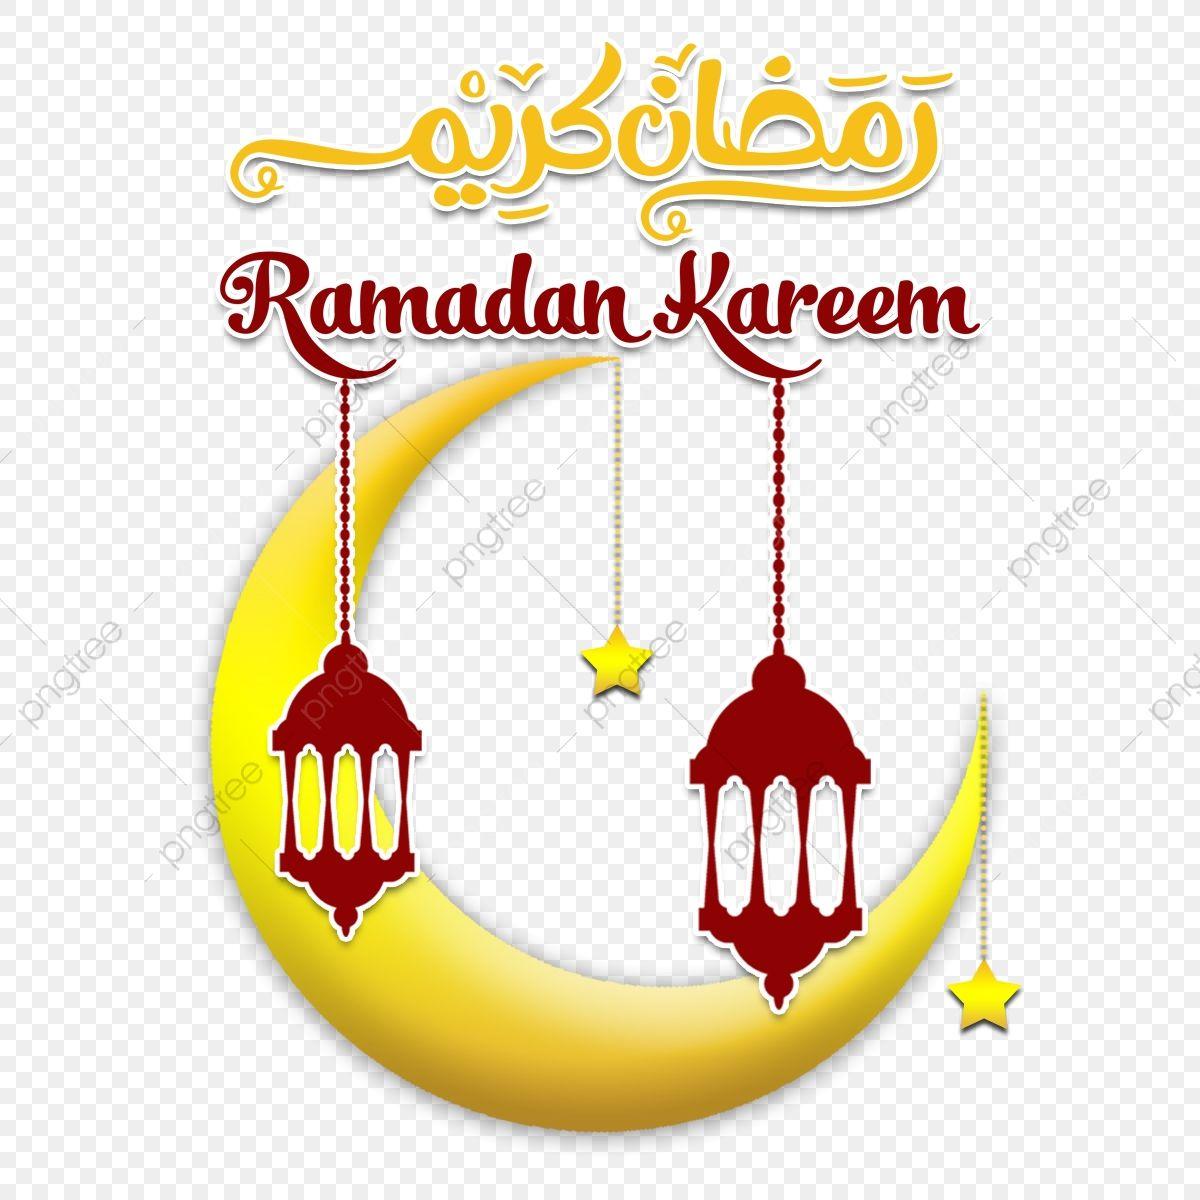 Download This Ramadan Kareem Ramadan Ramadhan Ramazan Png Clipart Image With Transparent Background Or Psd File For Free Pngt Ramadan Kareem Ramadan Kareem